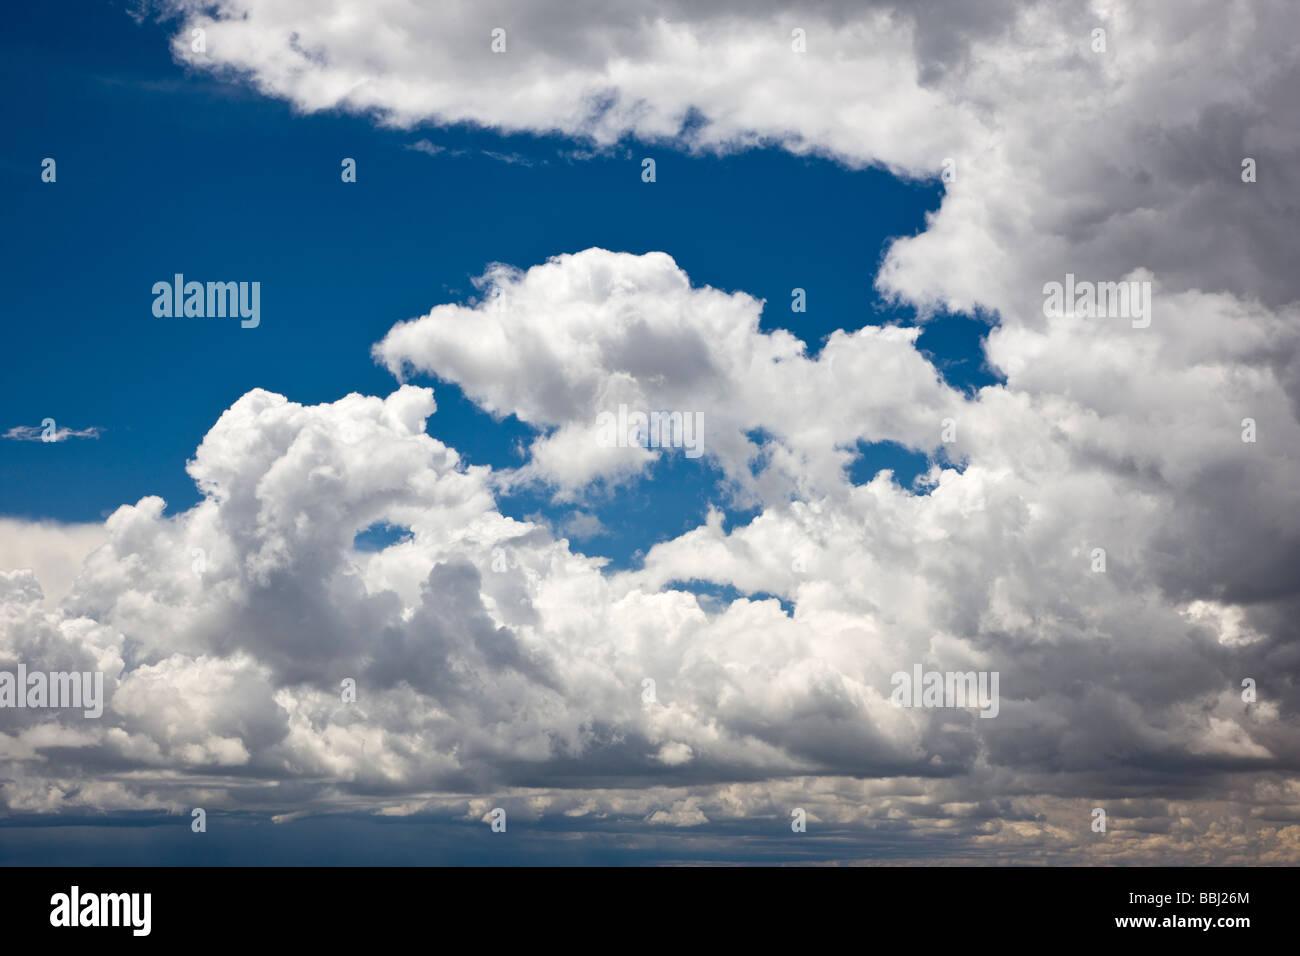 Cumulous blanc Puffy nuages contre un ciel bleu clair Sommet Cerro Autoroute 50 est de Montrose Colorado USA Photo Stock